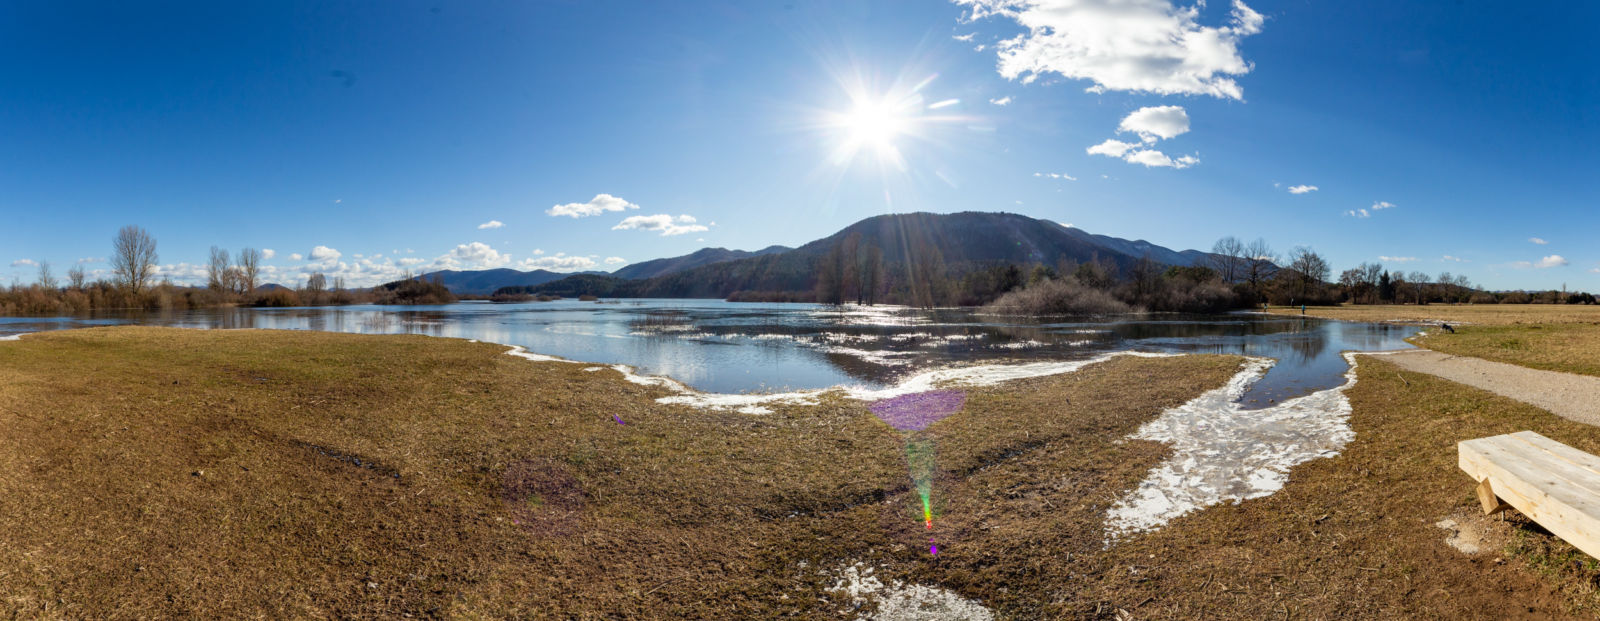 Rešeto - poplava - Cerkniško jezero